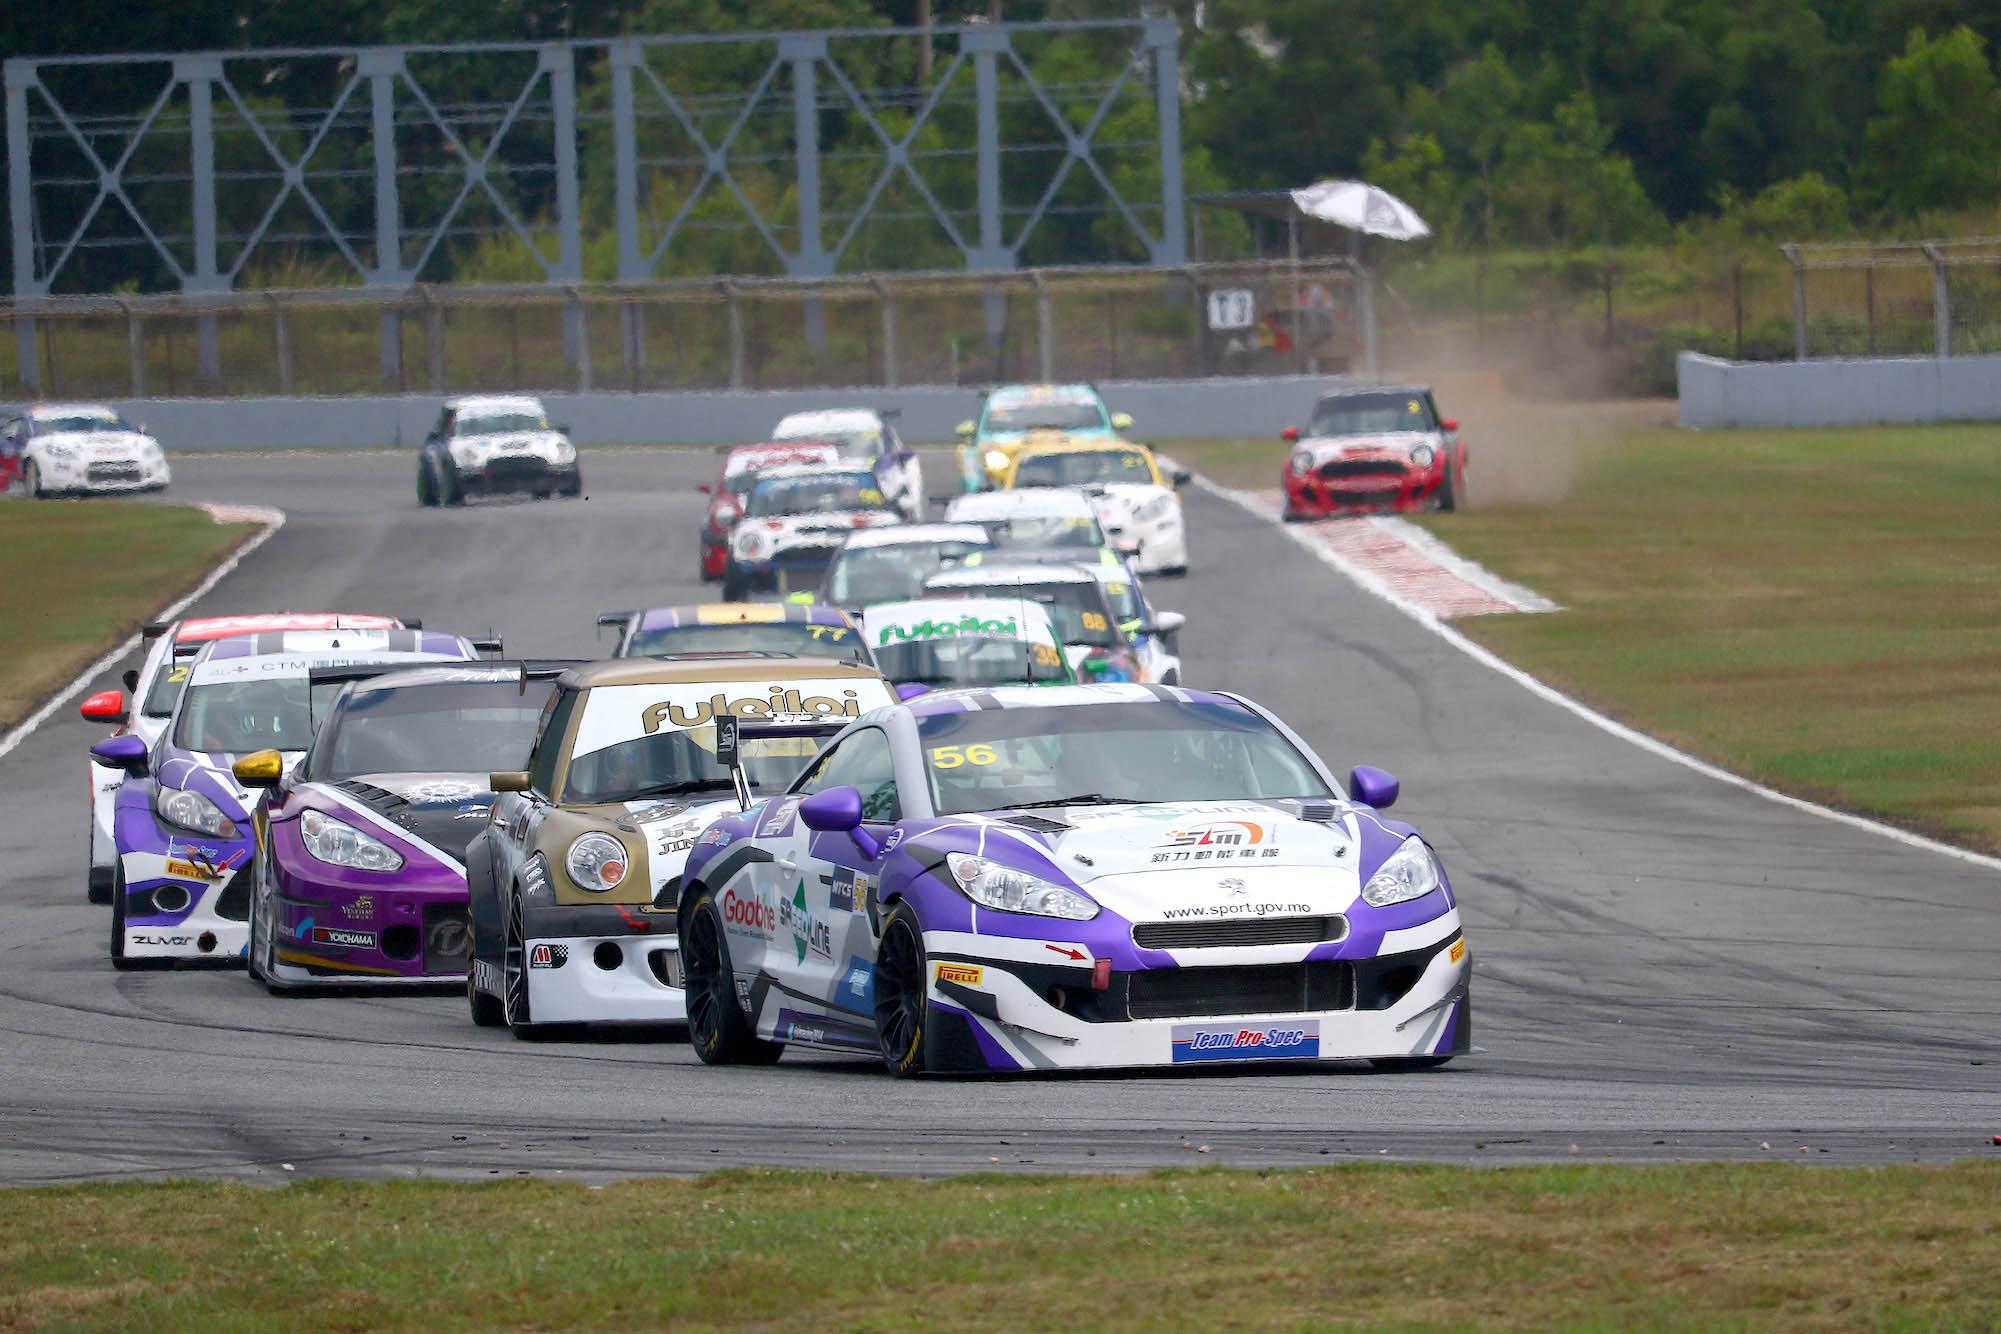 Automobilismo   Campeonato de Carros de Turismo de Macau voltará a Zhuhai